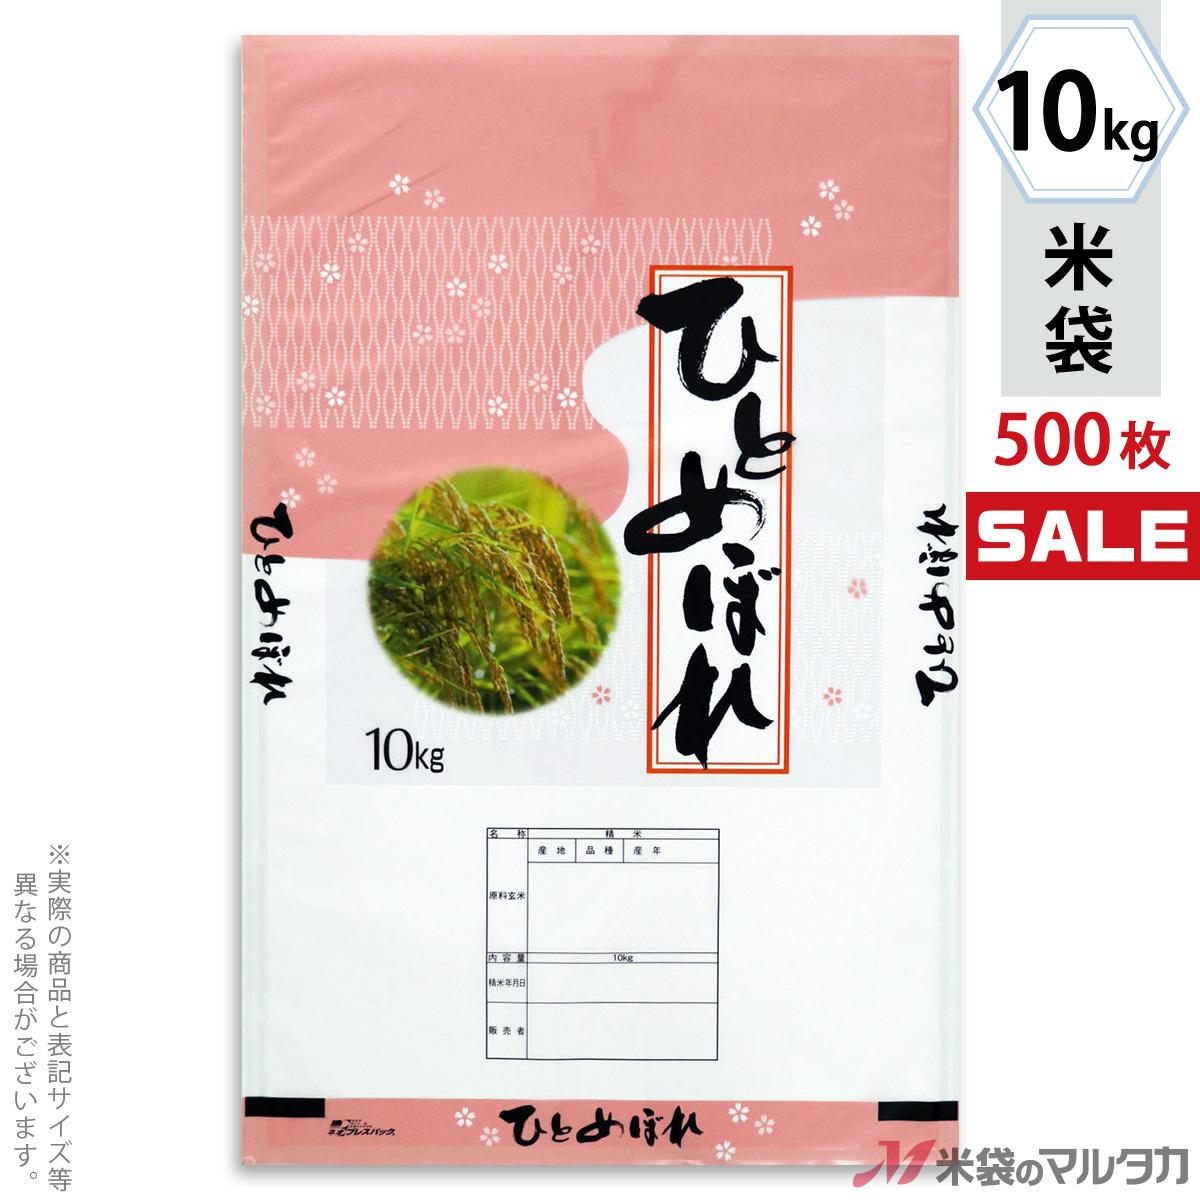 <キャンペーン対応>米袋 ポリポリ ネオブレス ひとめぼれ なごみ 10kg 1ケース(500枚入) MP-5208